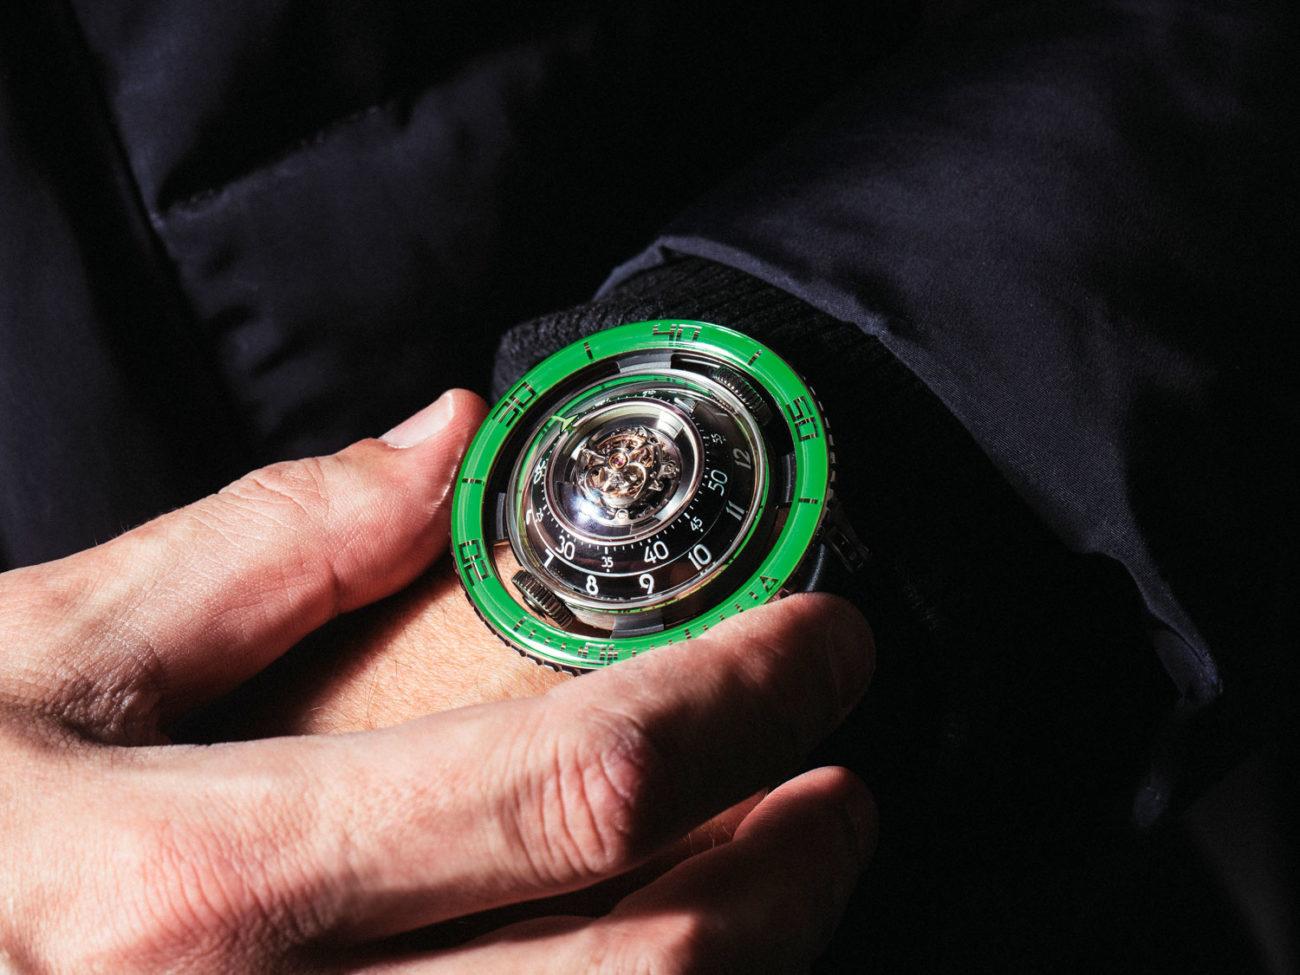 MB&F HM7 Aquapod Ti Green Edición Limitada